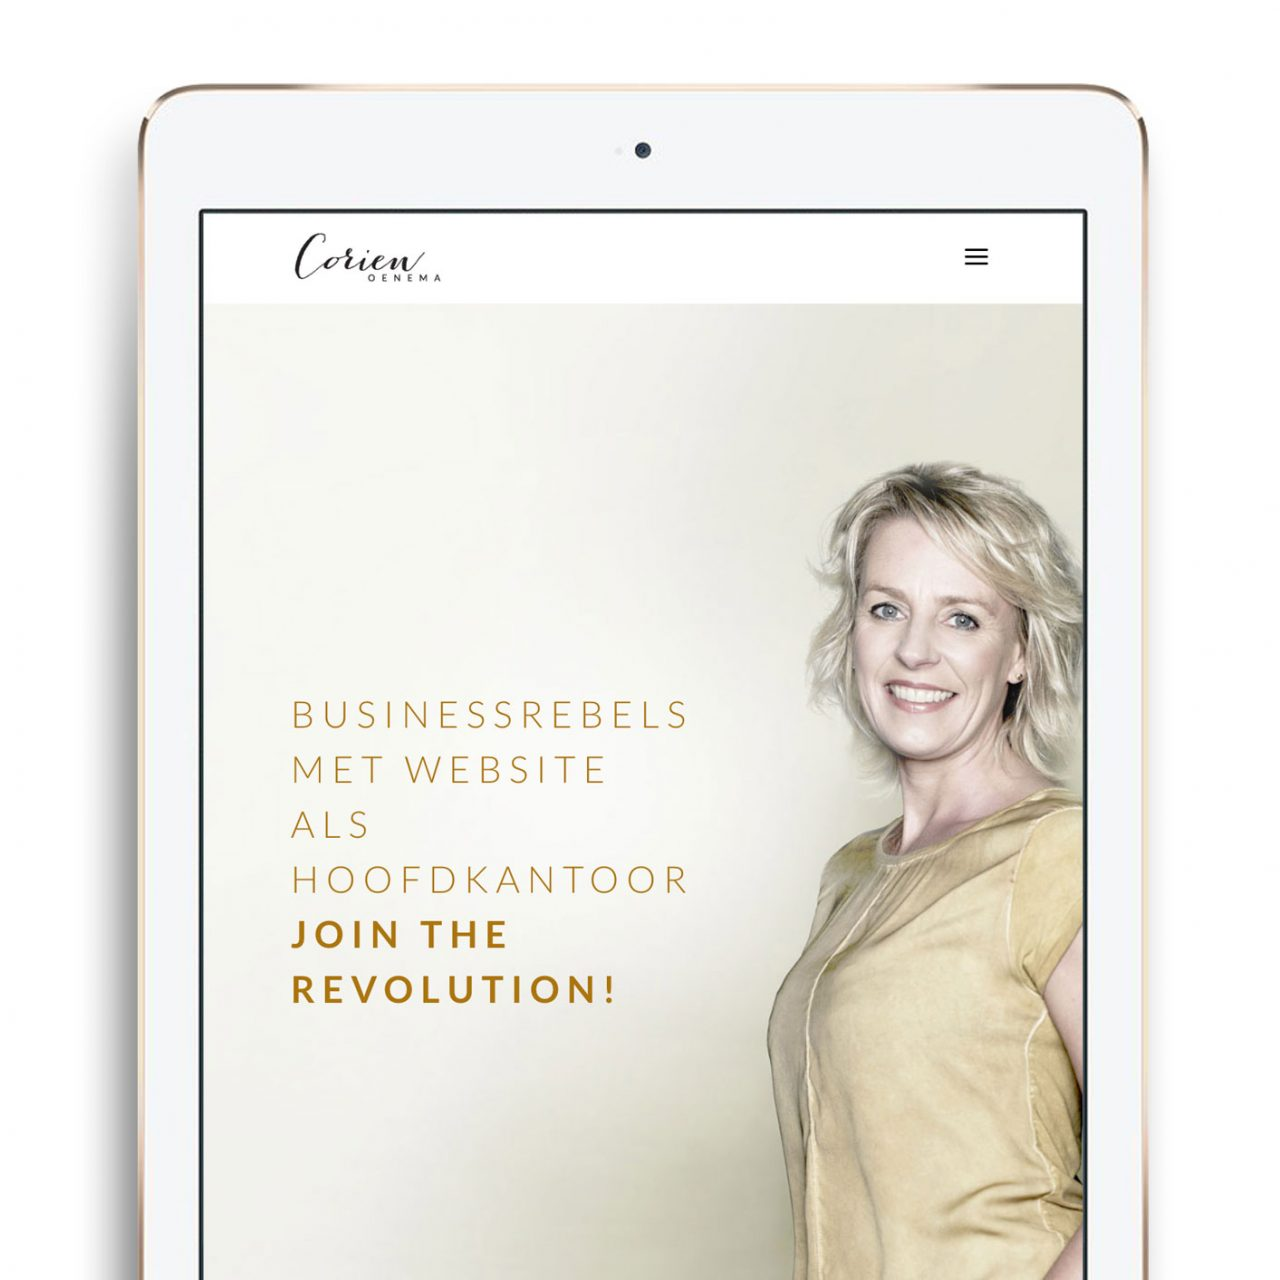 Studio Chris10 - Huisstijl en website voor Corien Oenema